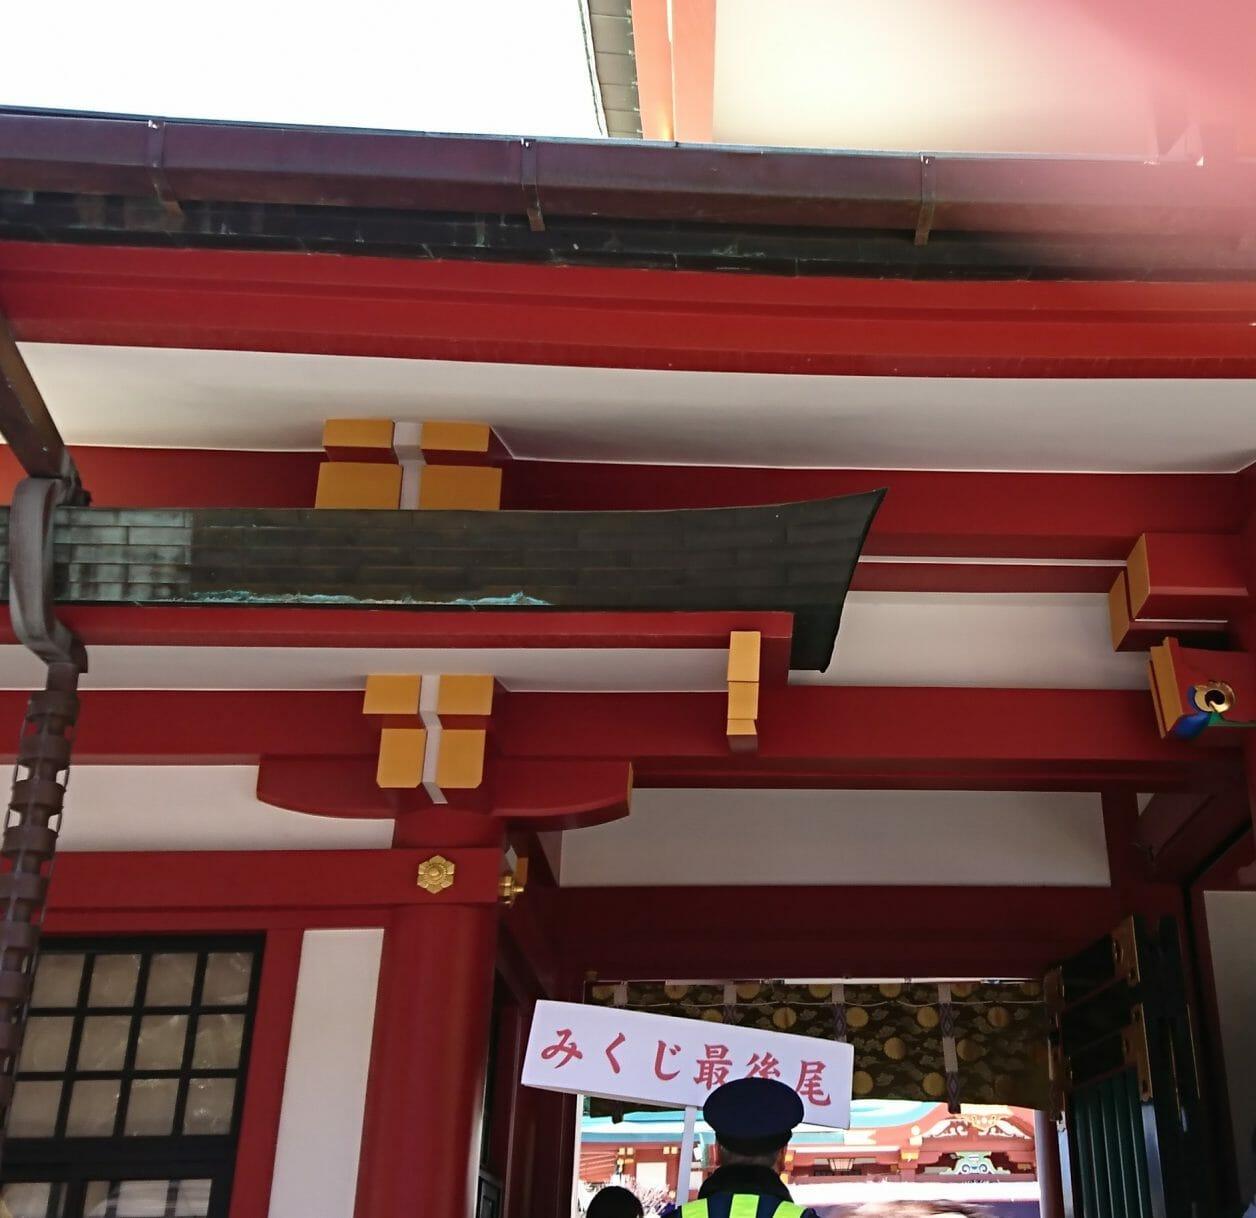 赤坂山王日枝神社の初詣は猿みくじを引くために長い行列が出来ます。